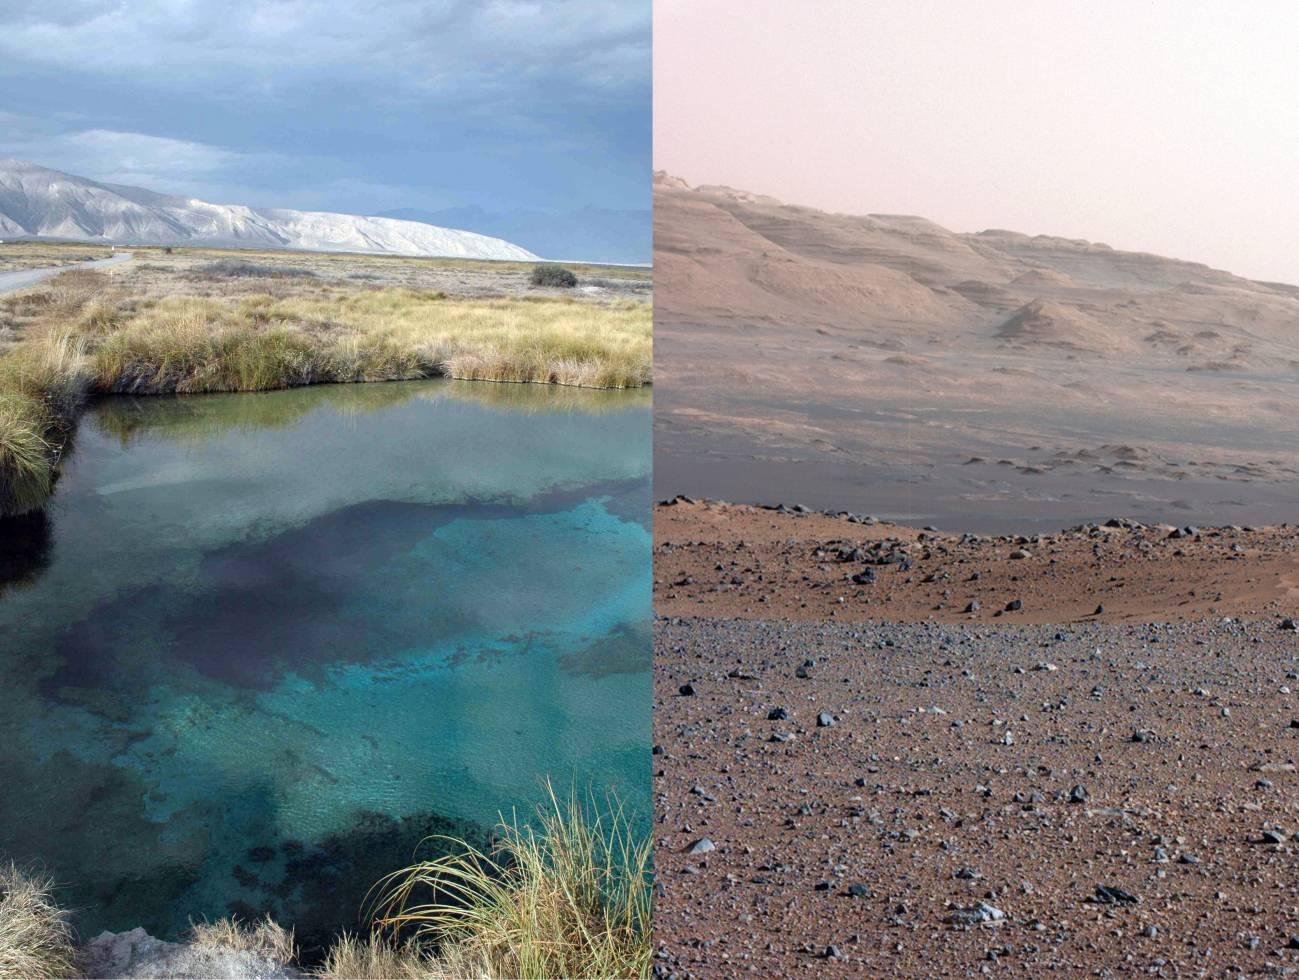 A la izquierda, Cuatro Ciénagas y a la derecha la zona por donde explora el Curiosity. Imagen: Luis Eguiarte / NASA